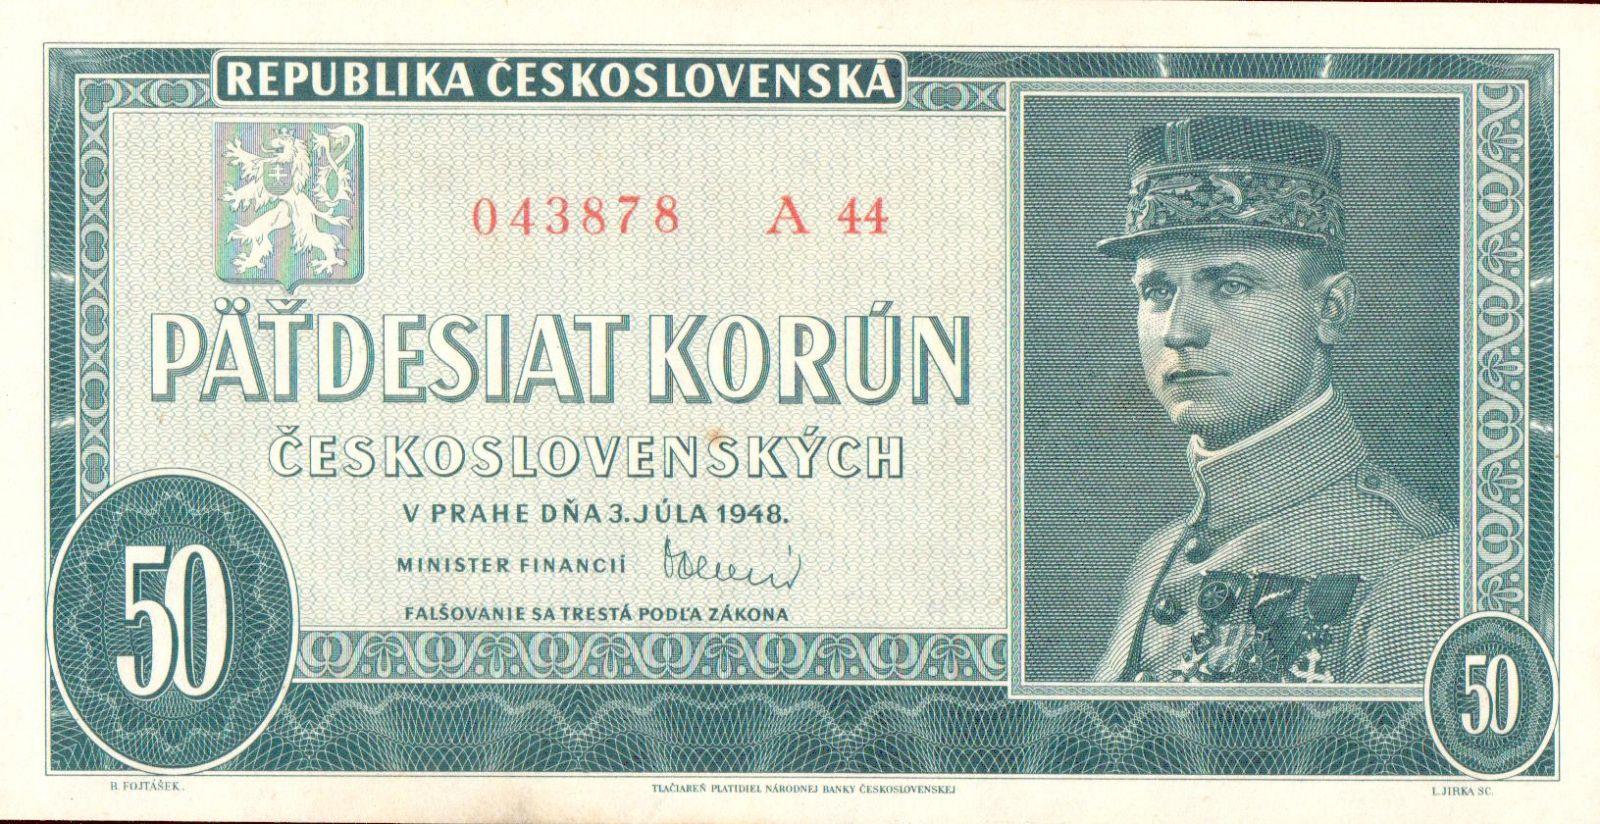 50Kčs/1948/, stav 0, série A 44